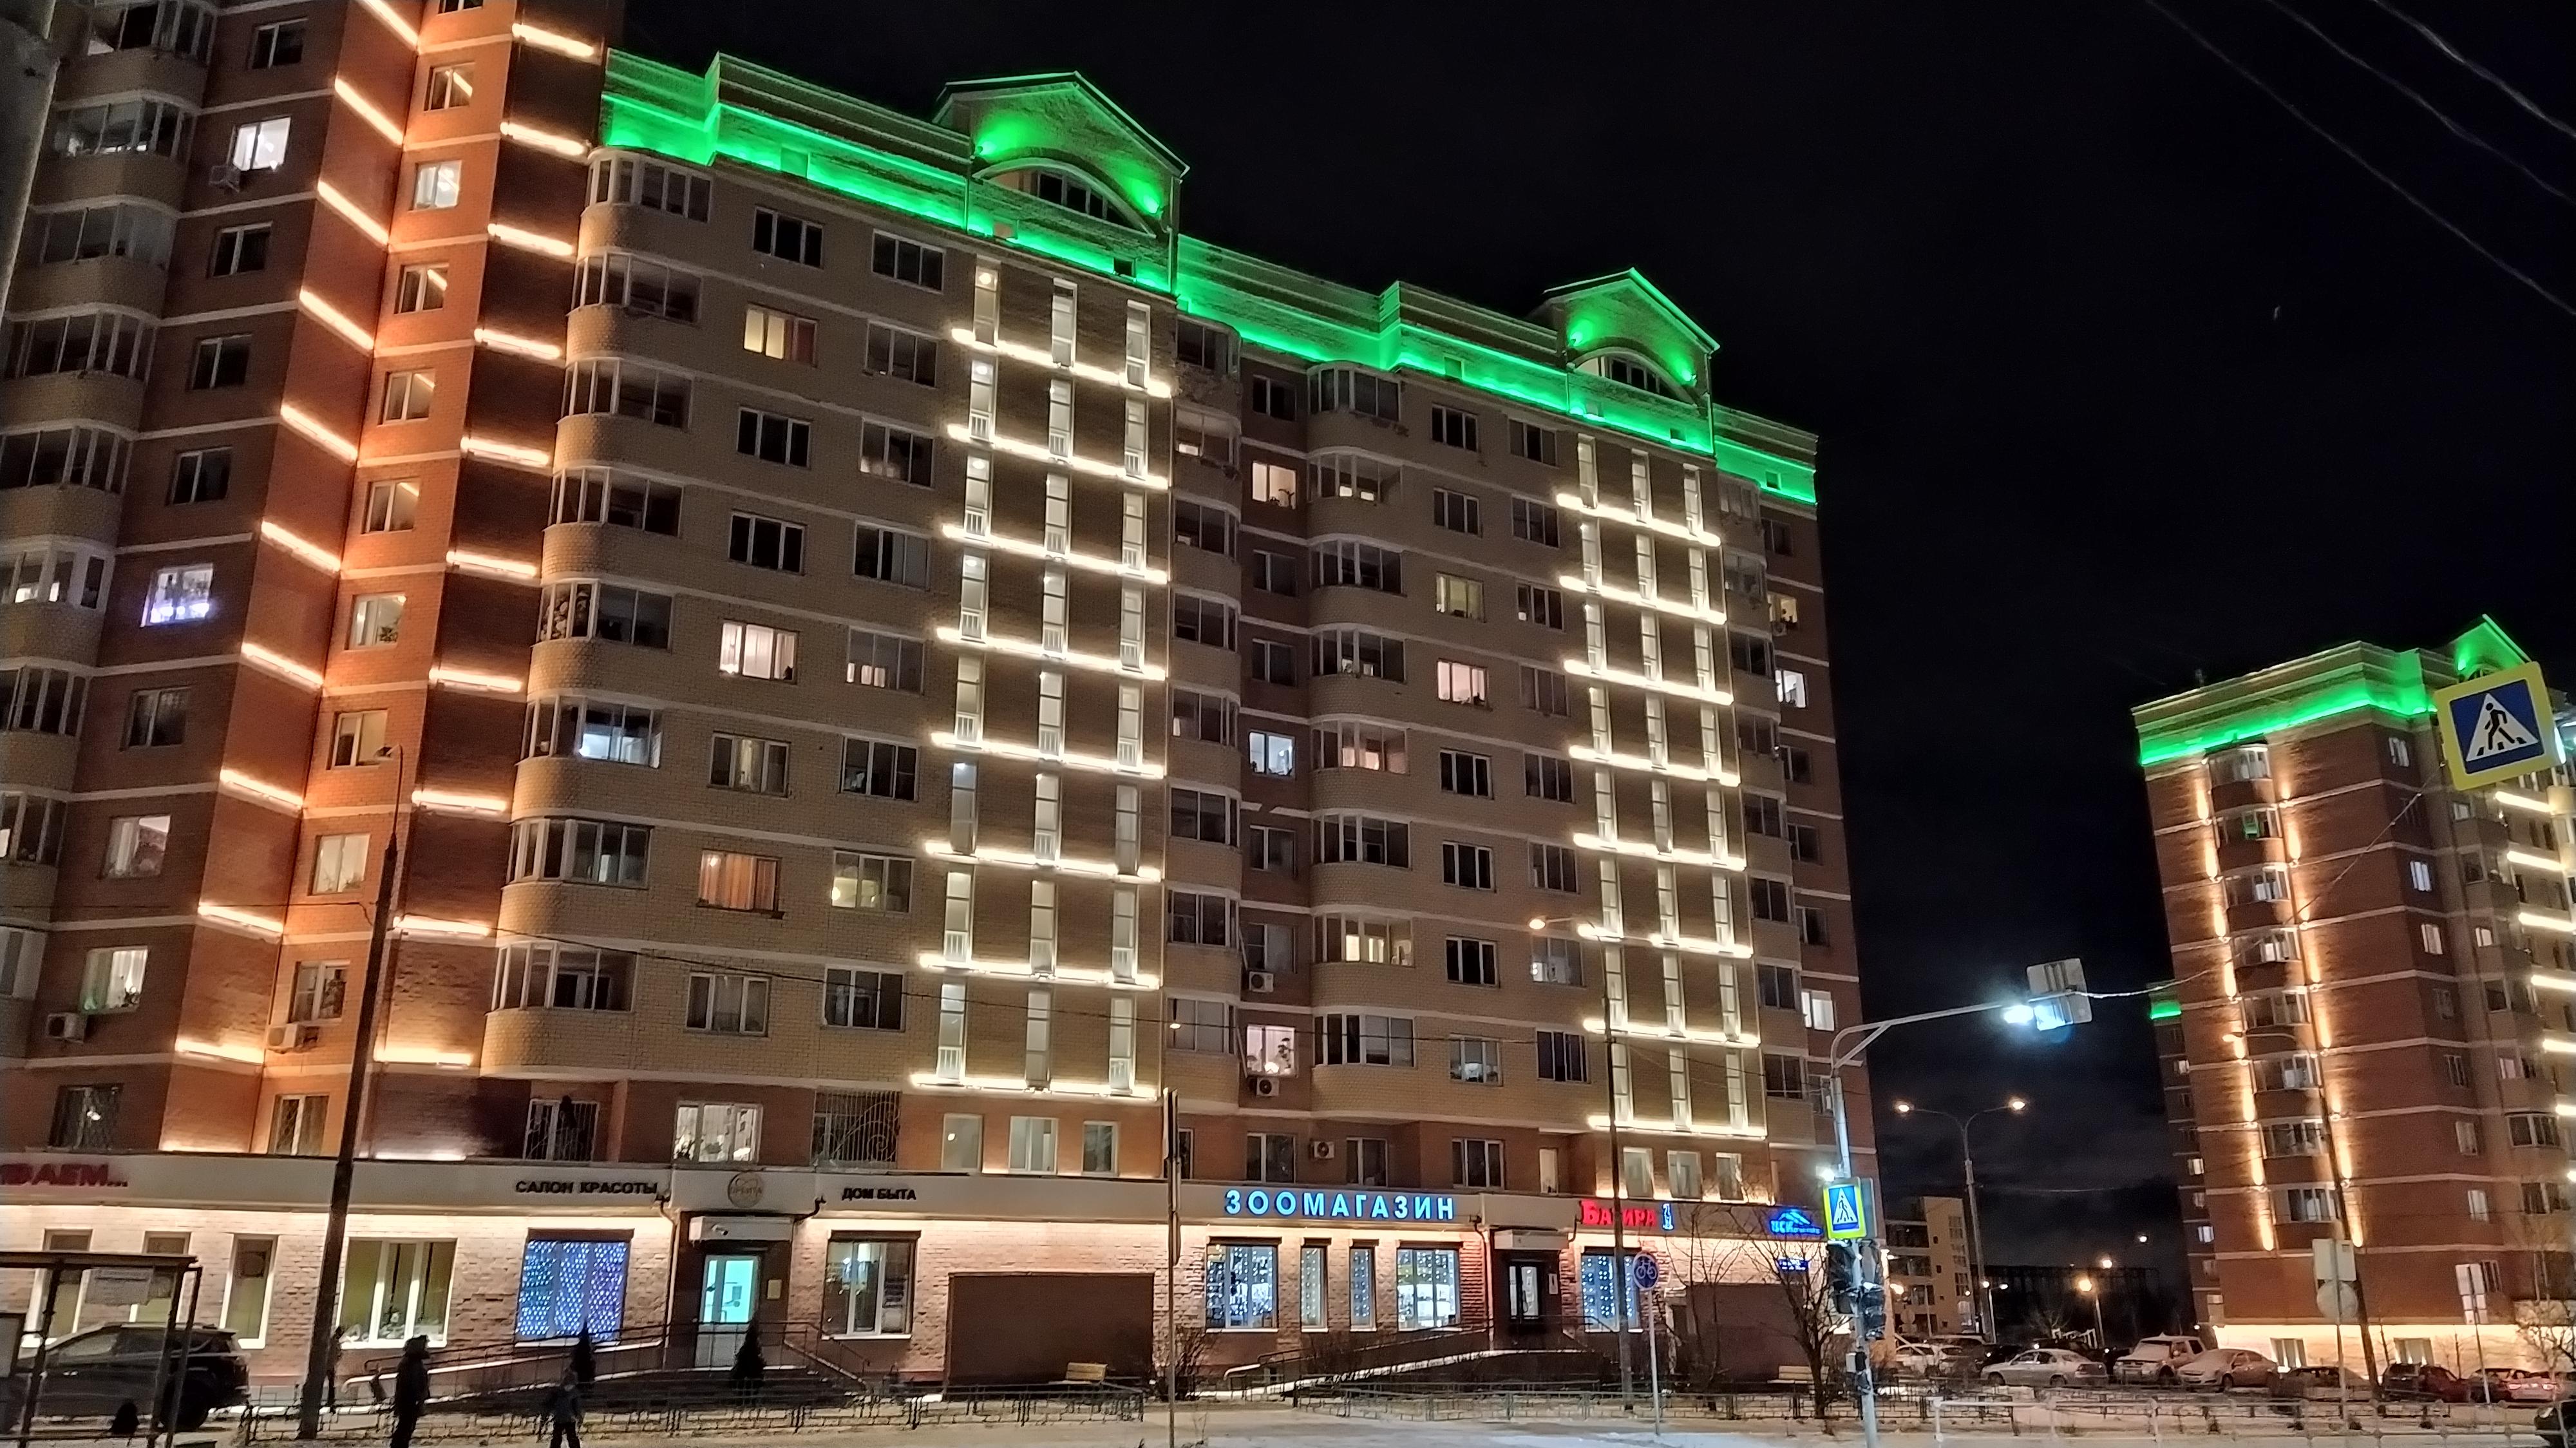 Зачем нужна и что даёт подсветка фасадов зданий: мнение городских властей